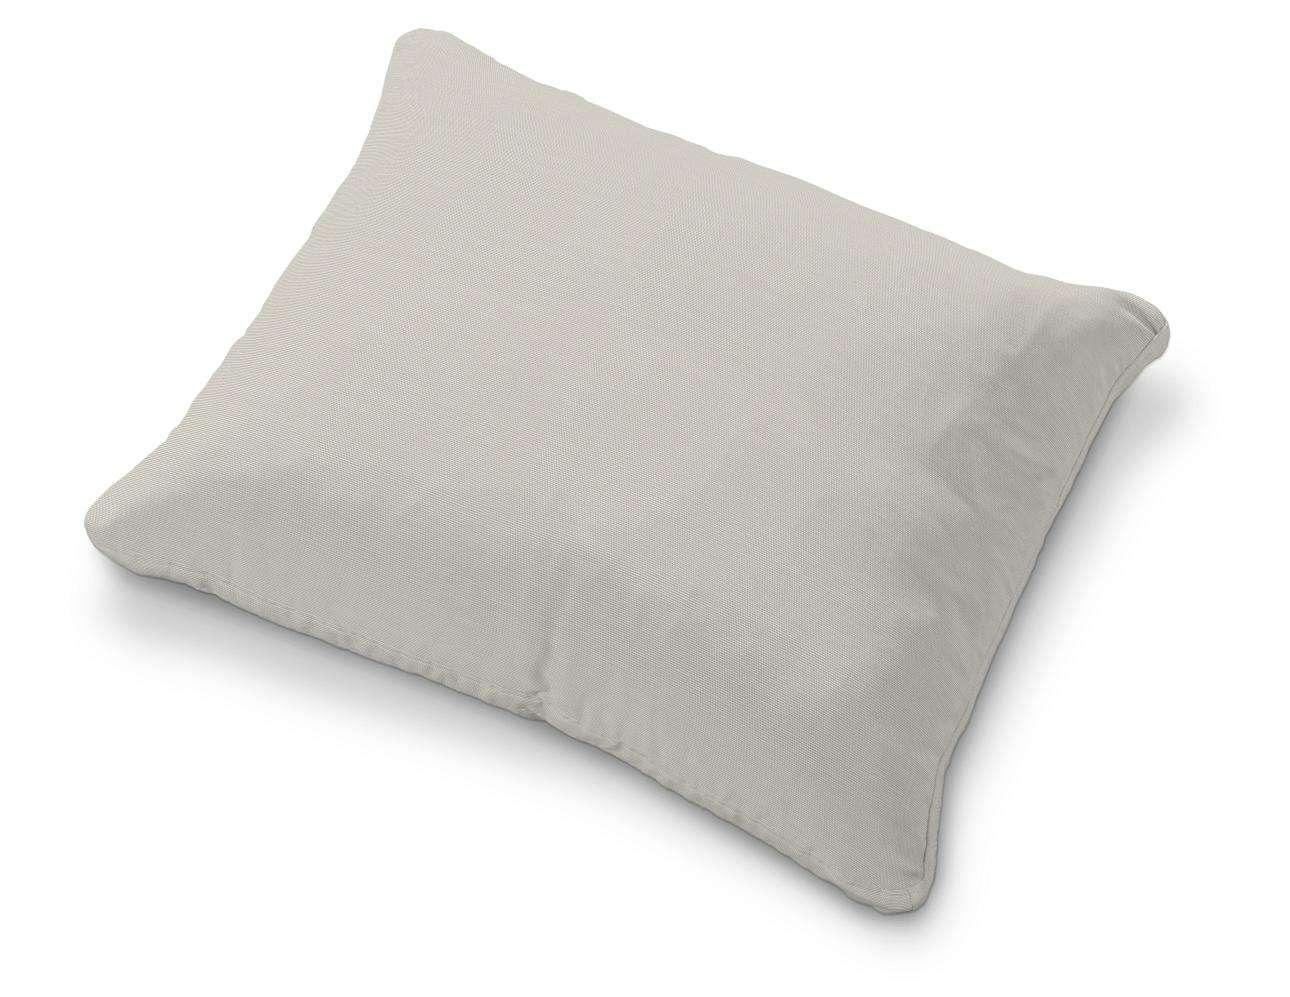 Karlstad pagalvėlės užvalkalas(58 cm x 48 cm) Karlstad pagavėlės užvalkalas 58x48cm kolekcijoje Cotton Panama, audinys: 702-31